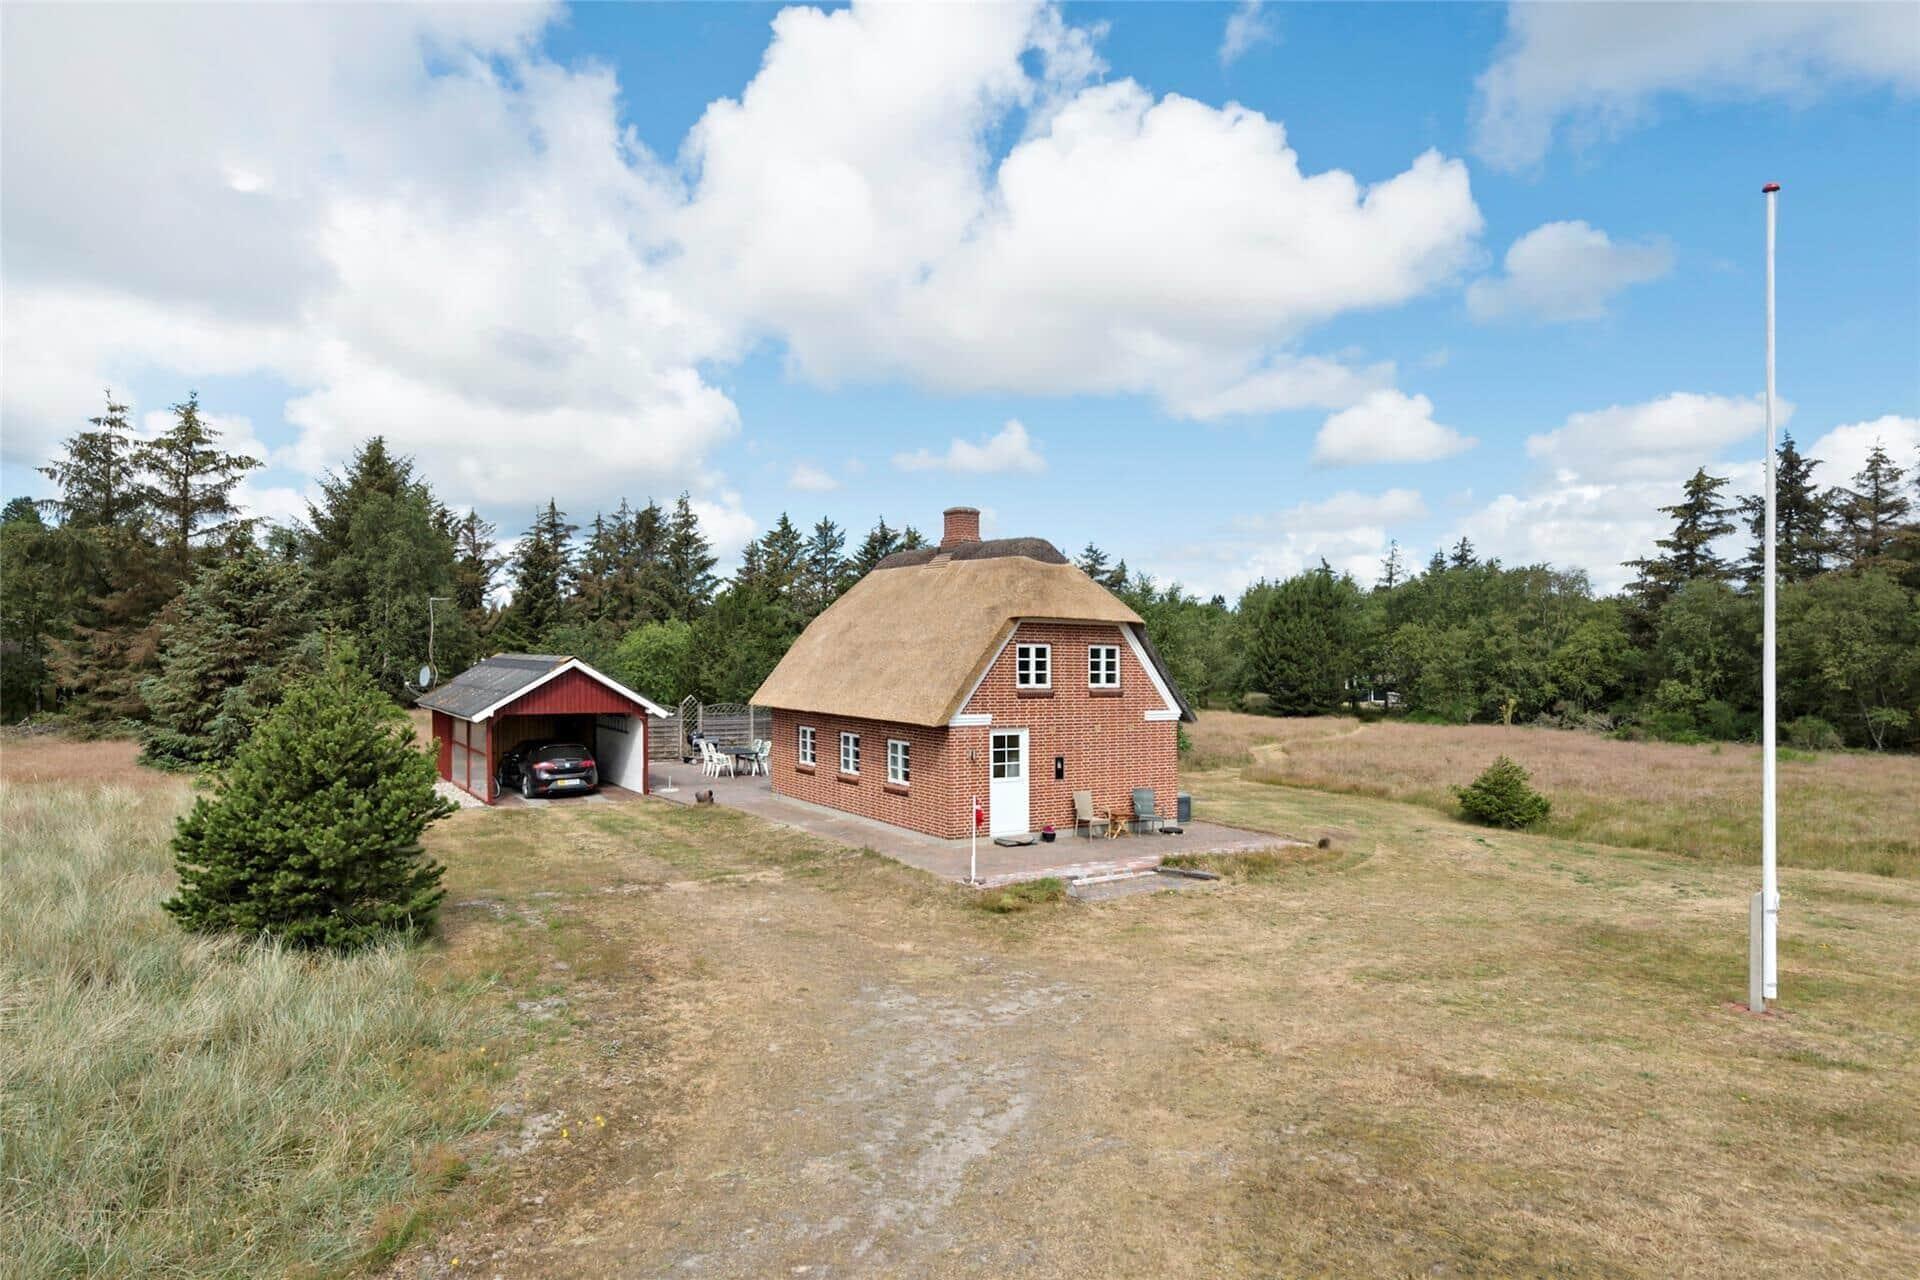 Afbeelding 1-173 Vakantiehuis BV137, Gl Hovej 39, DK - 6857 Blåvand